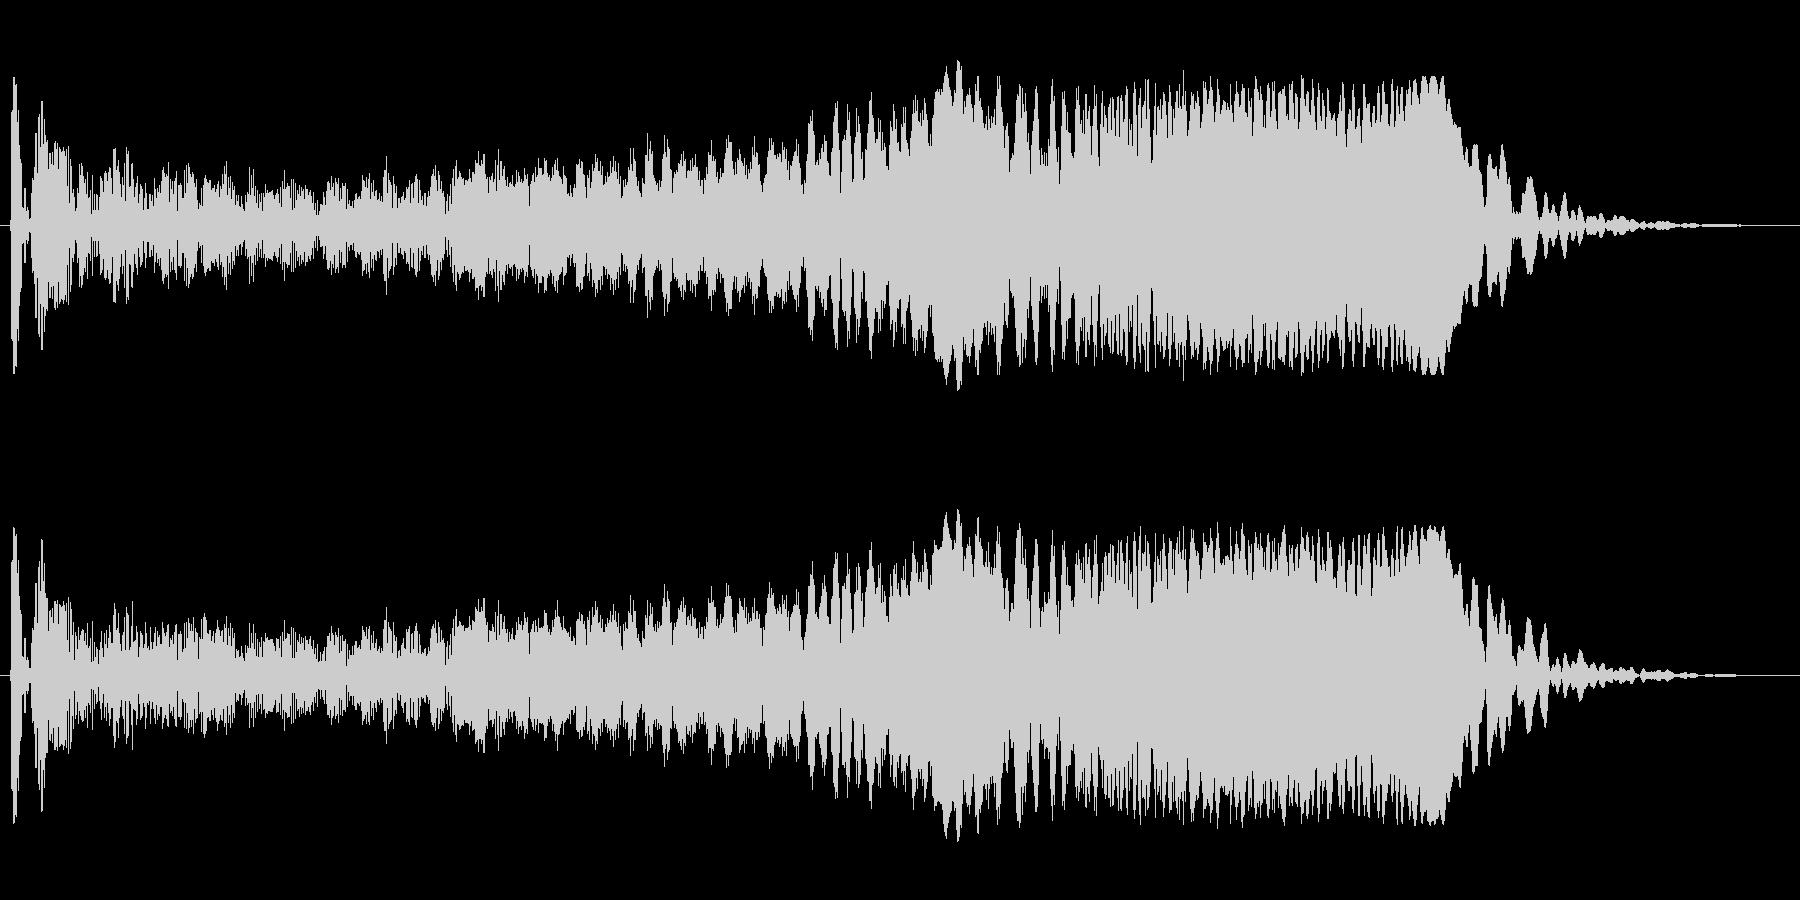 モワーン(シンプルで単音の効果音)の未再生の波形